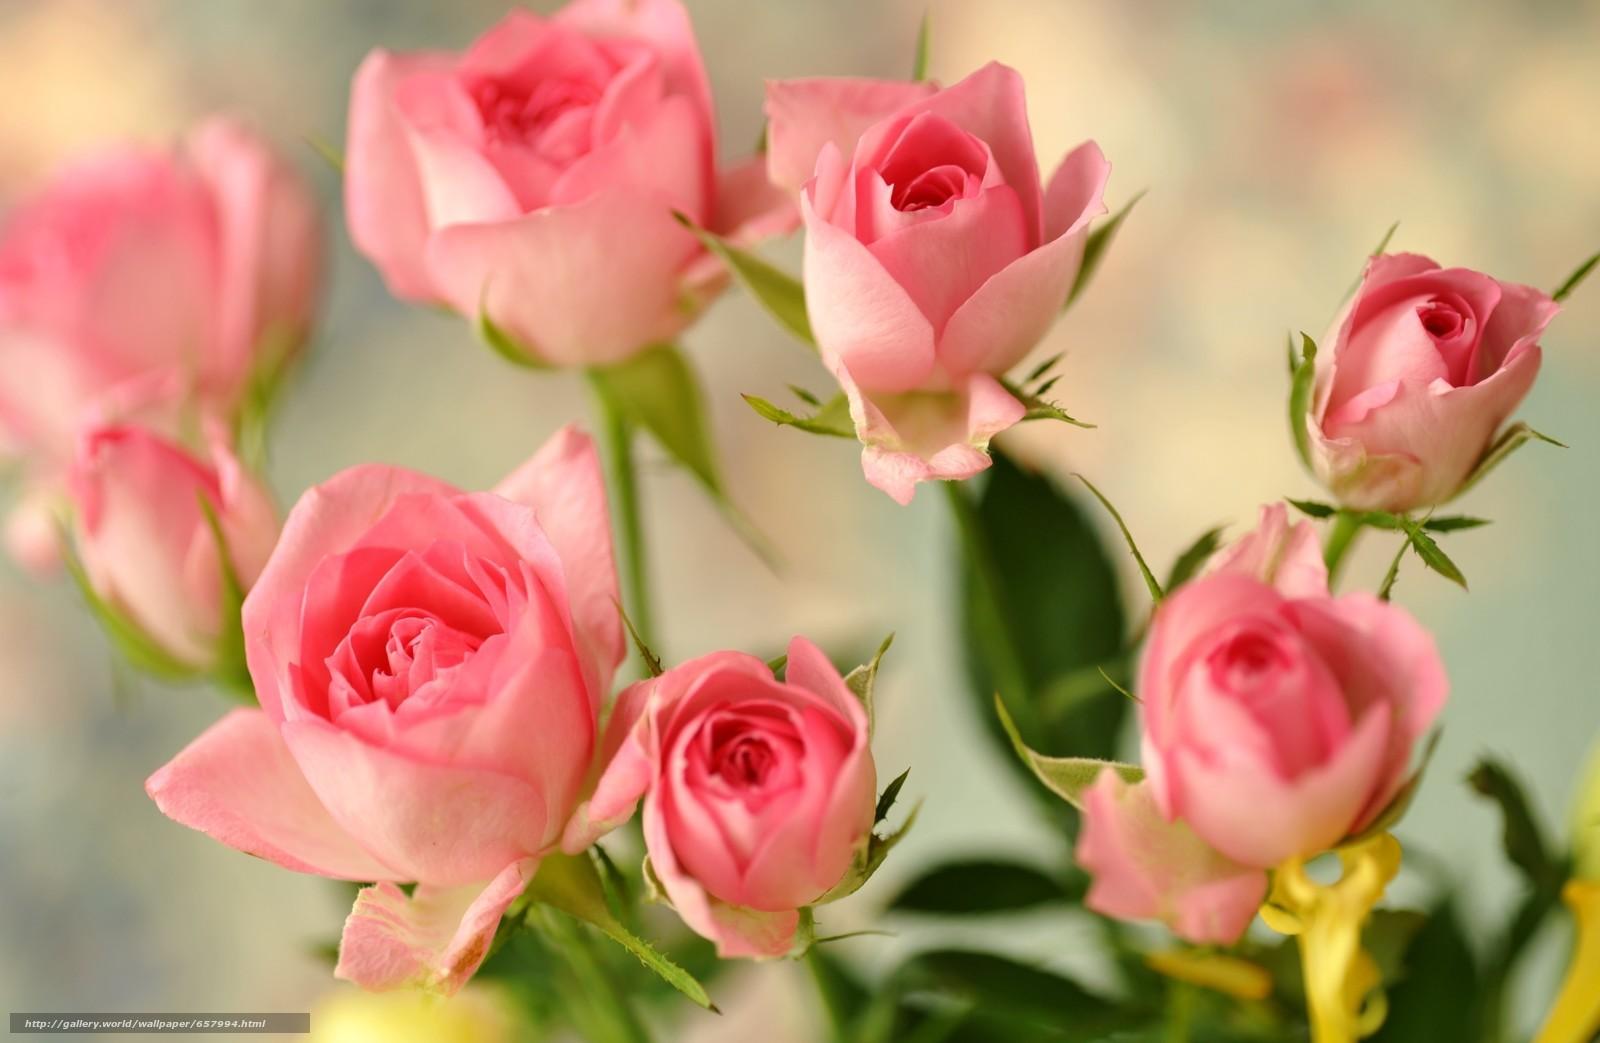 Скачать обои цветы,  роза,  розы,  композиция бесплатно для рабочего стола в разрешении 2900x1890 — картинка №657994